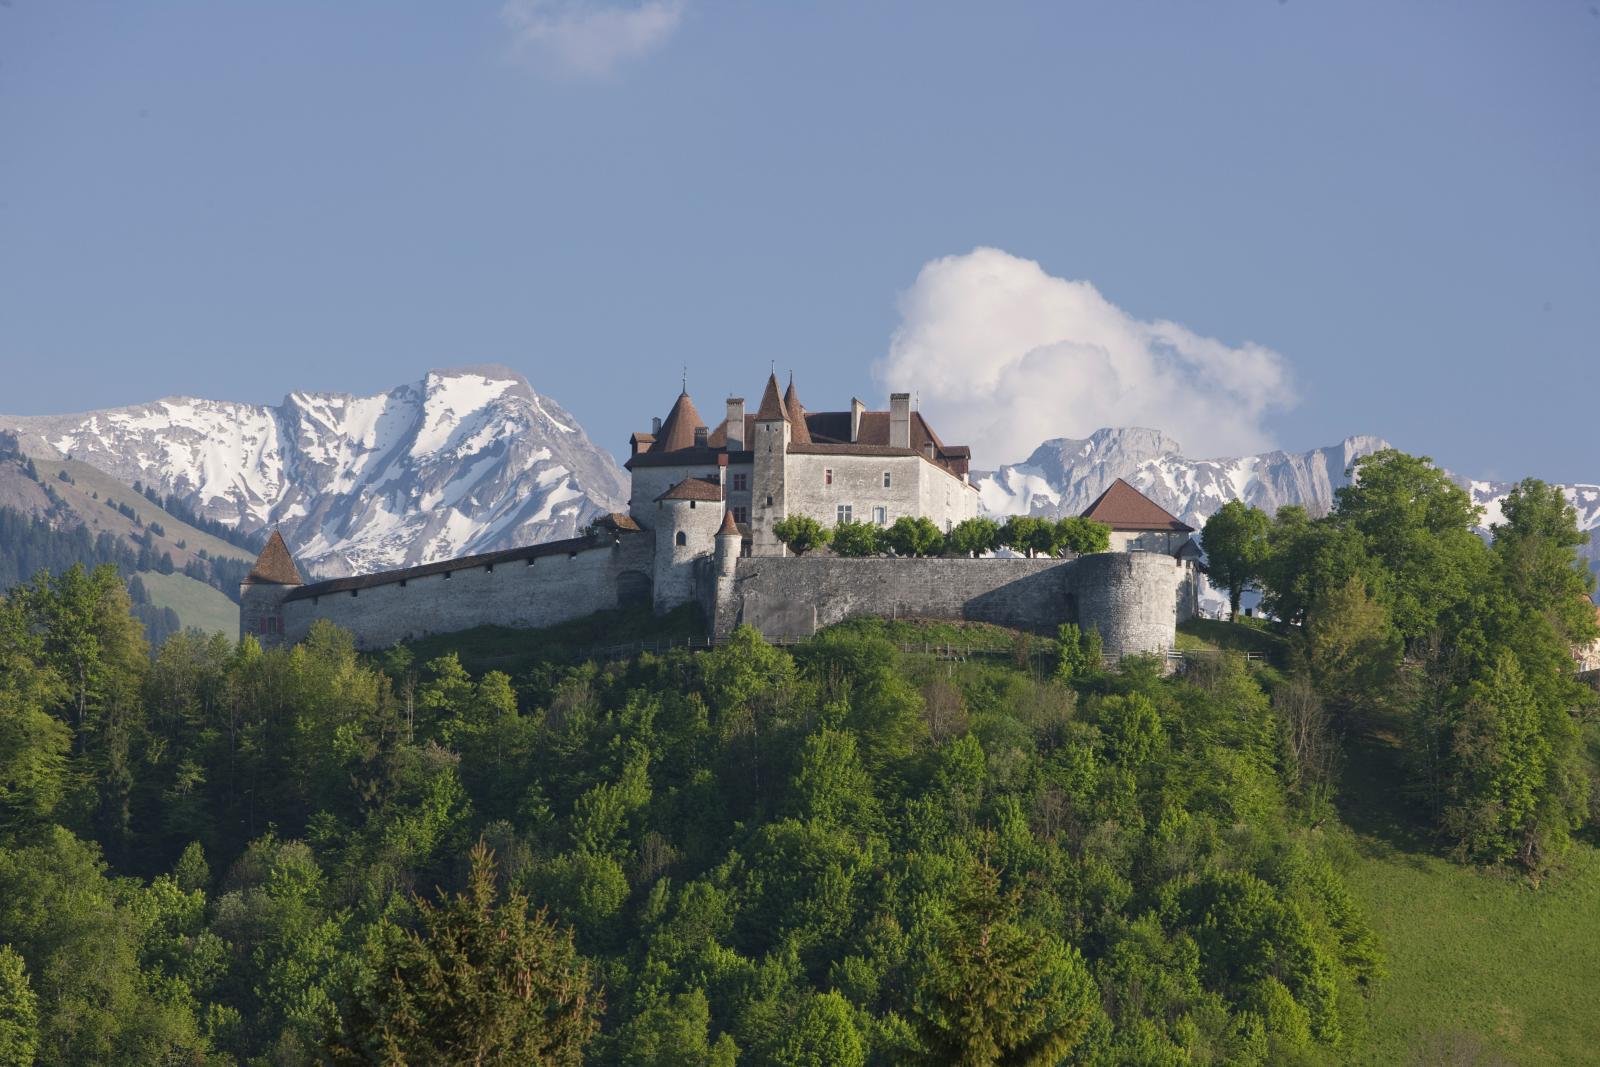 Castle in Switzerland